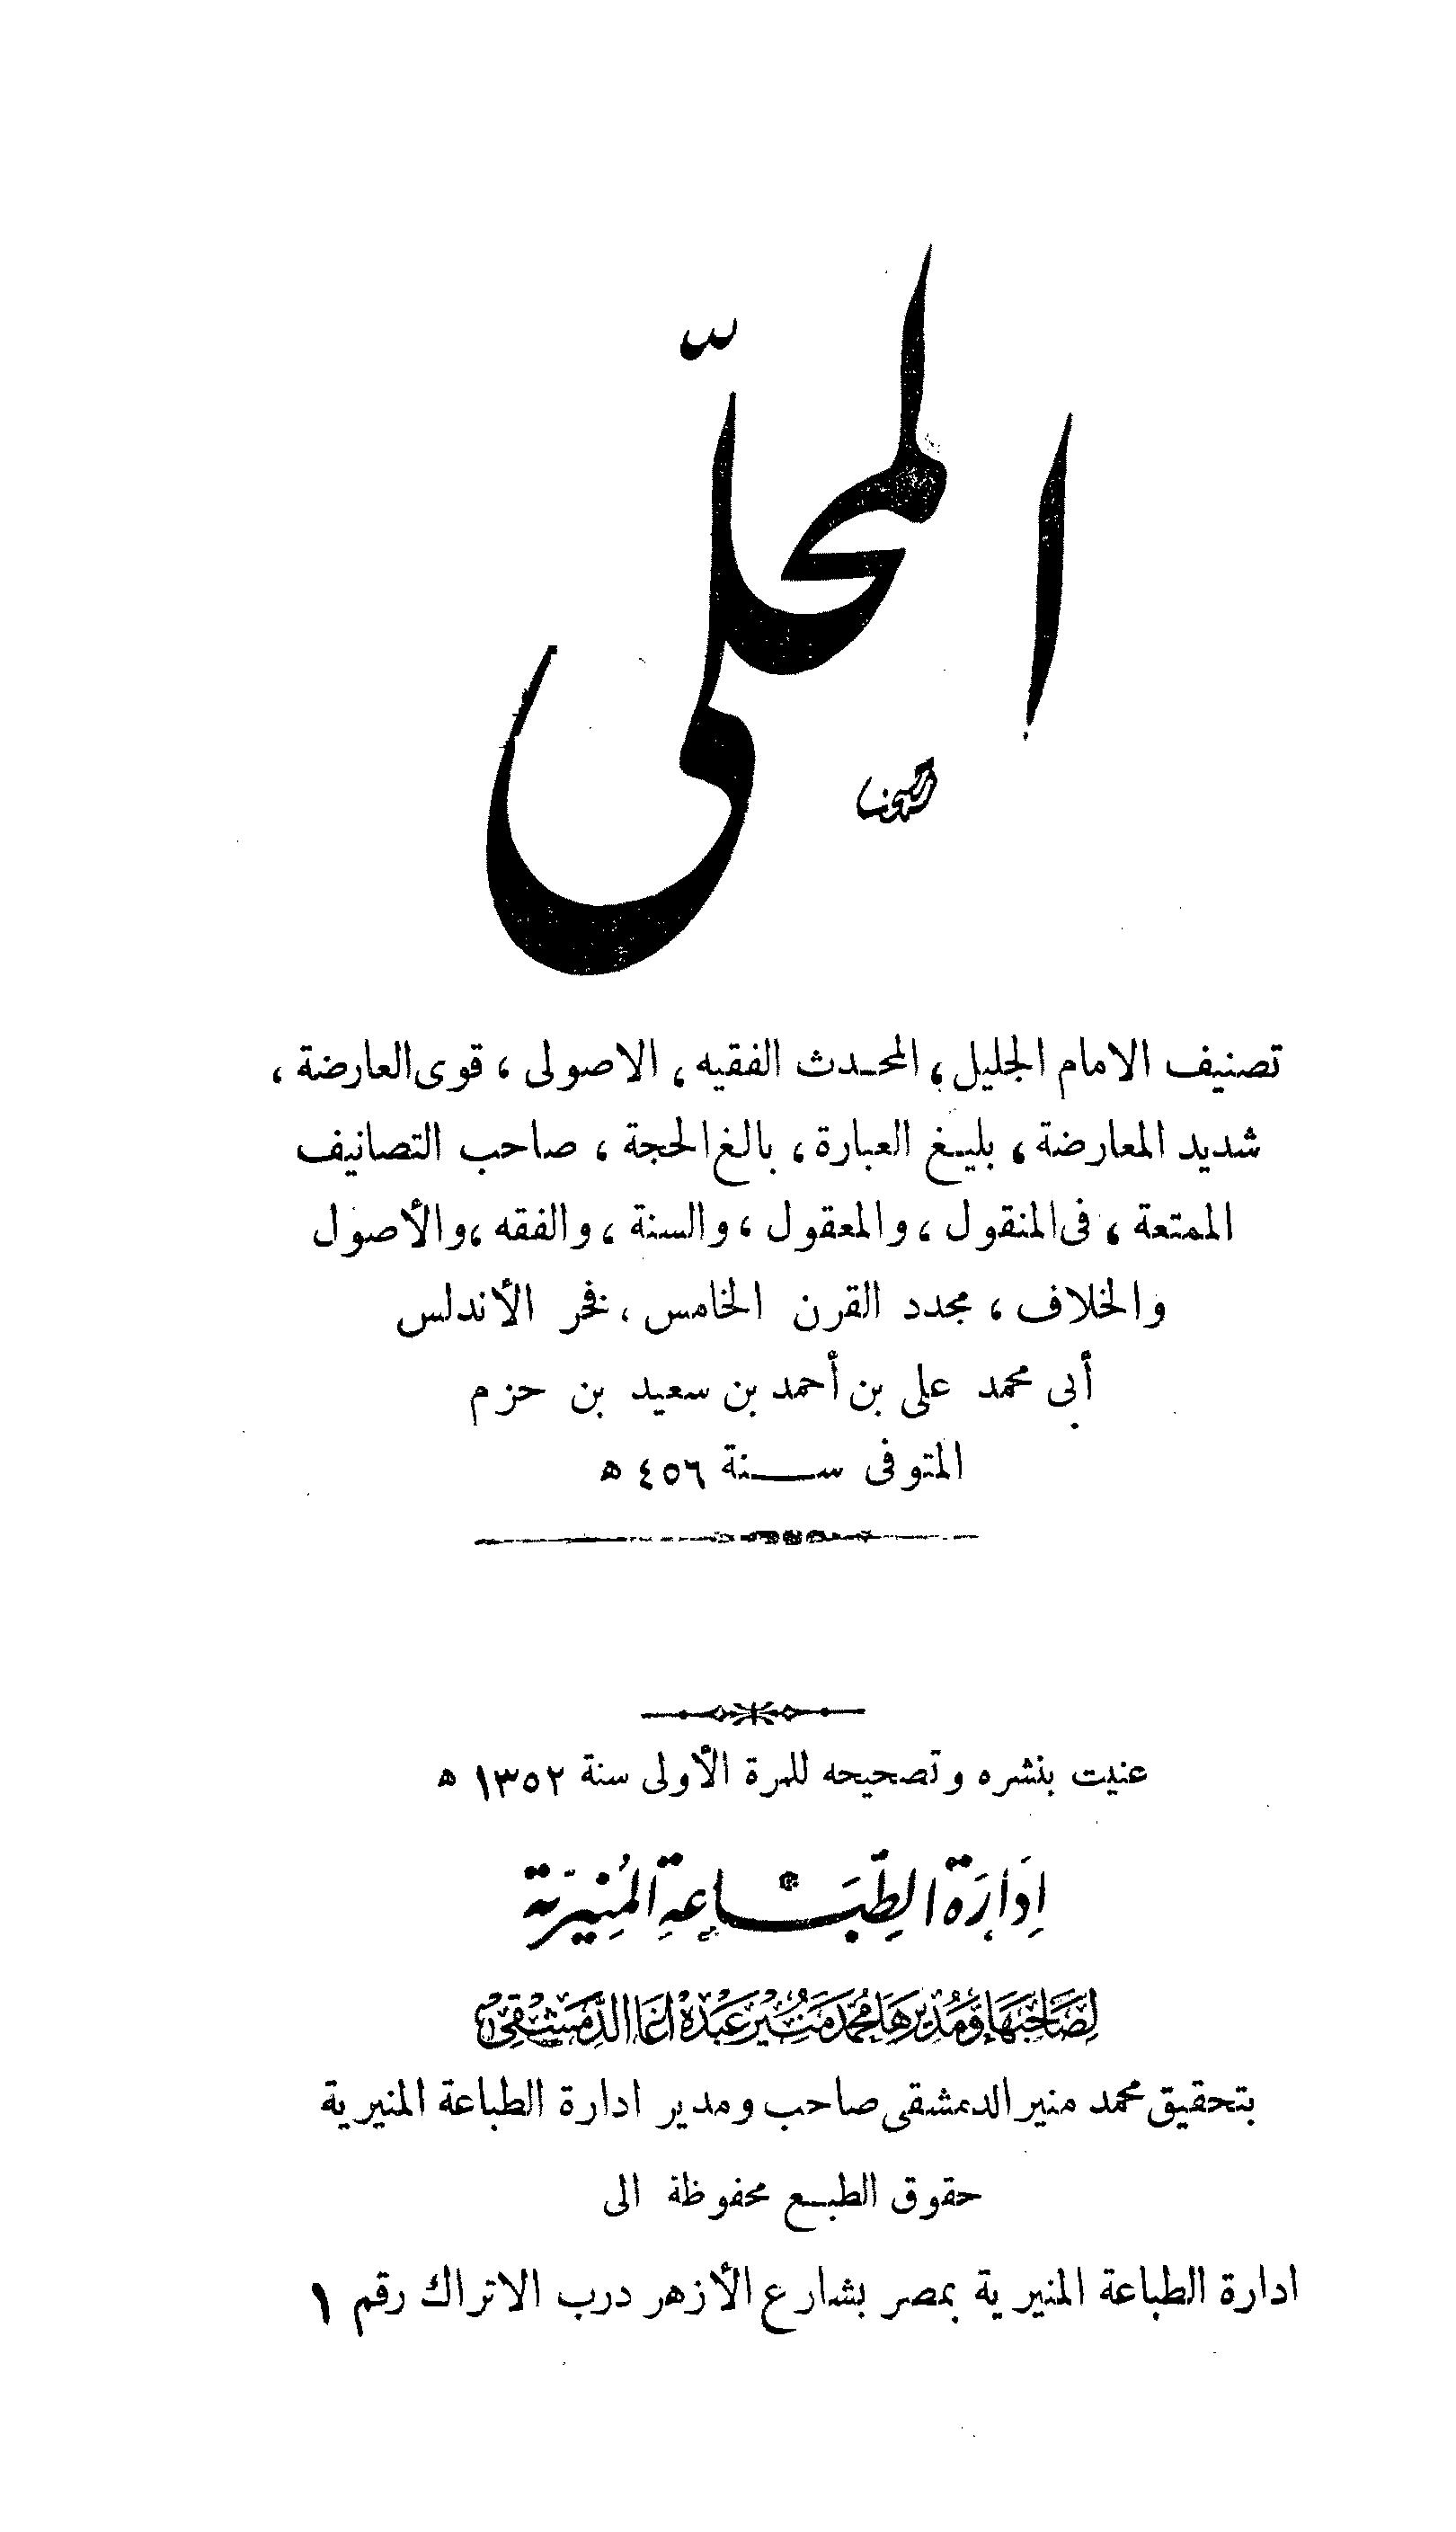 کتاب المحلی